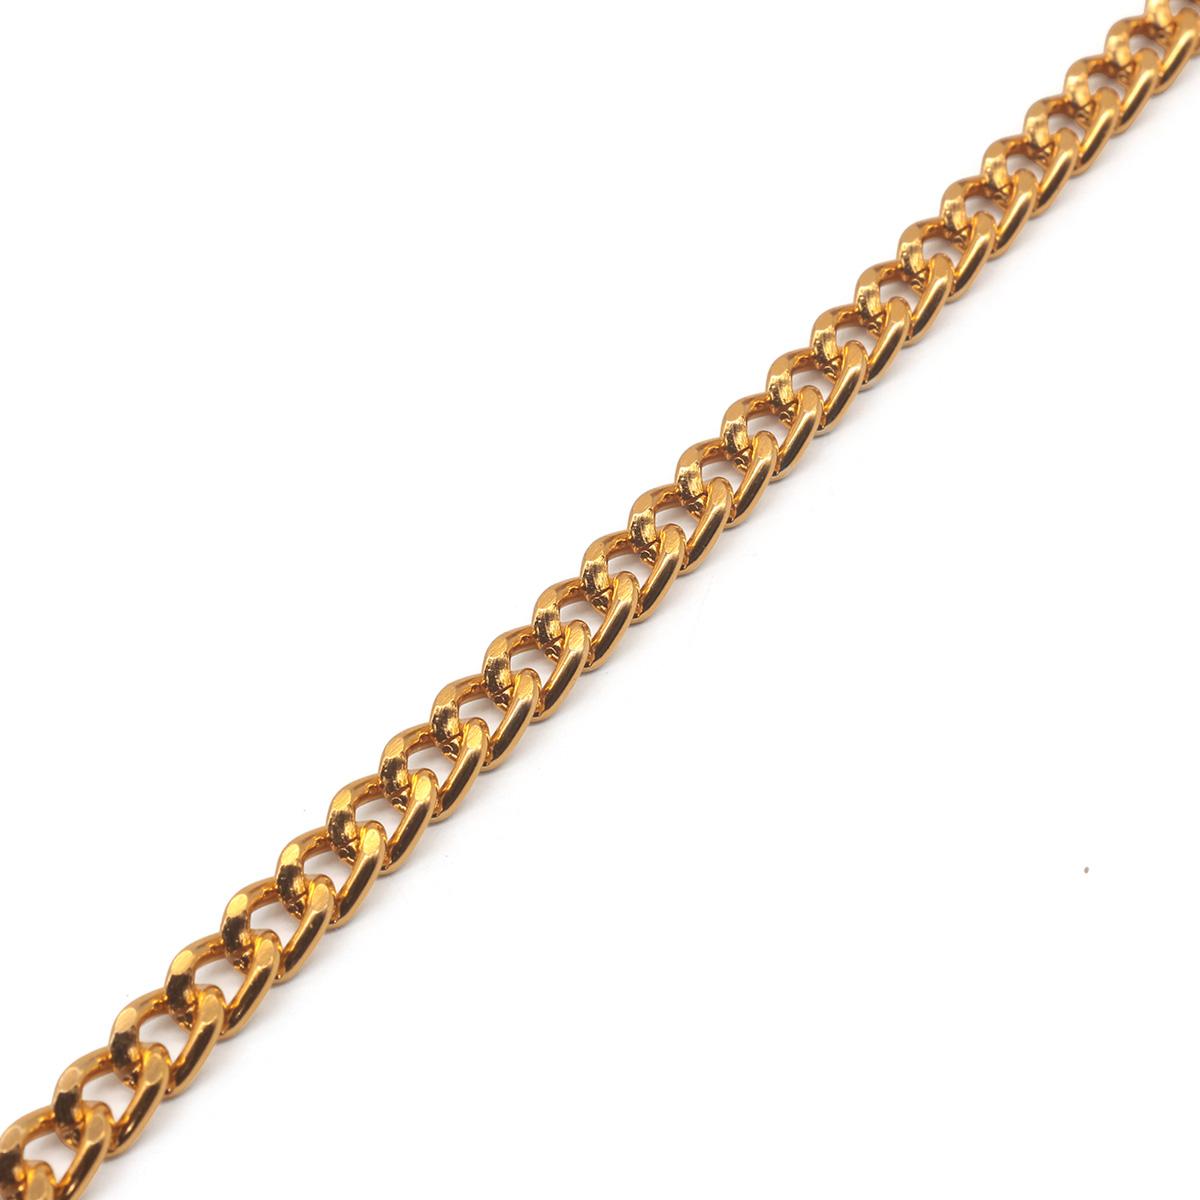 K18601 Цепь алюминиевая 5,4мм*4,4мм, боб(10м)